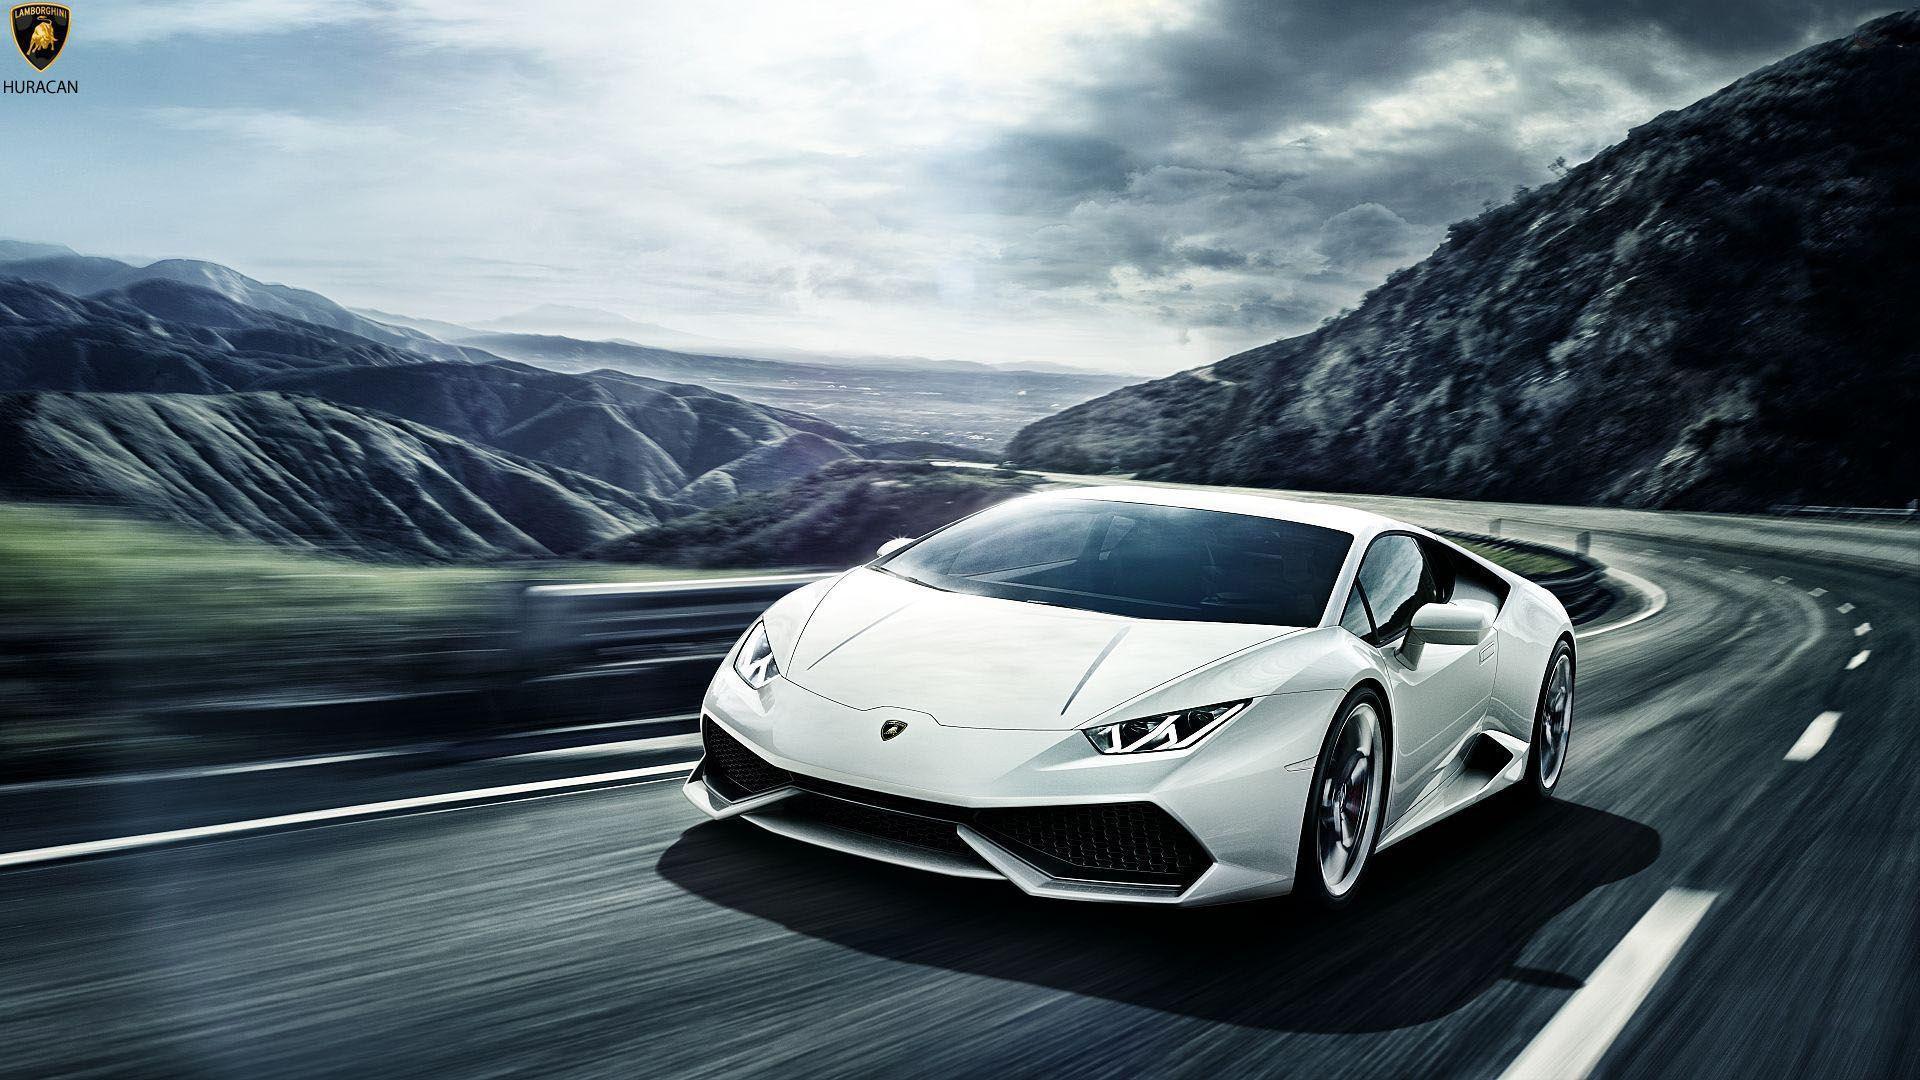 Lamborghini Huracan Wallpapers Wallpaper Cave